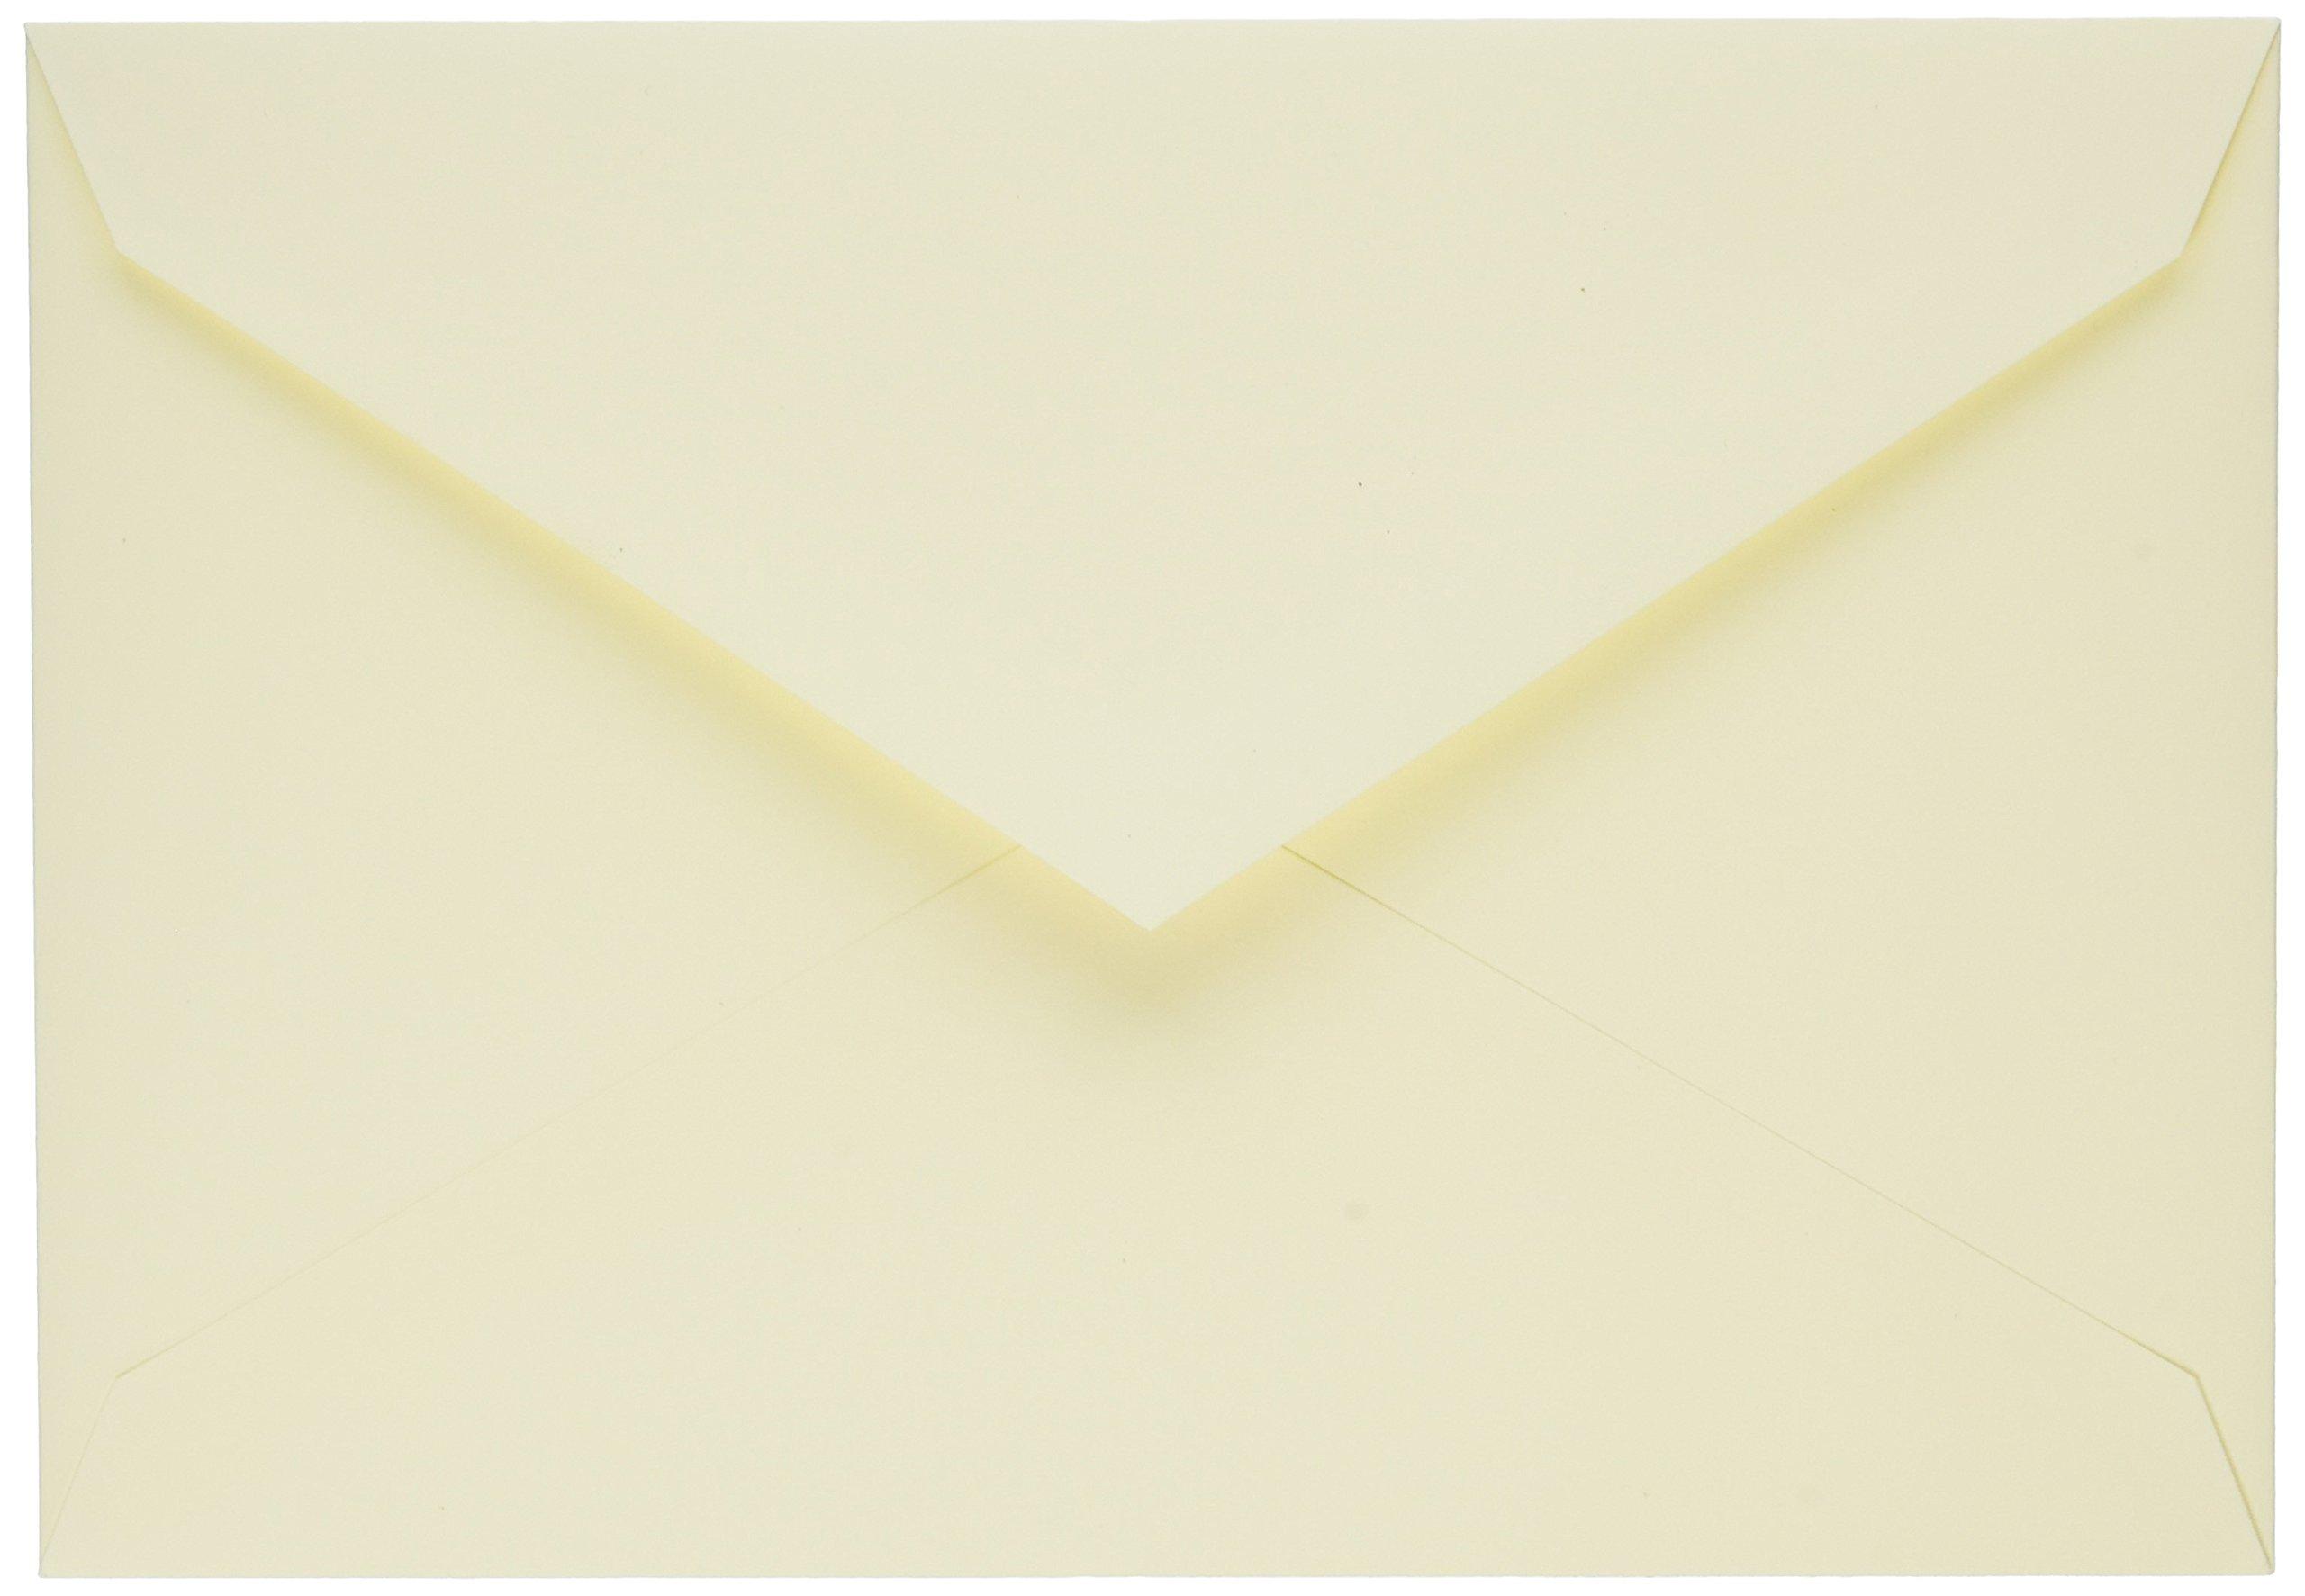 Crane & Co. Ecruwhite Royalty Outside Envelope (W37)